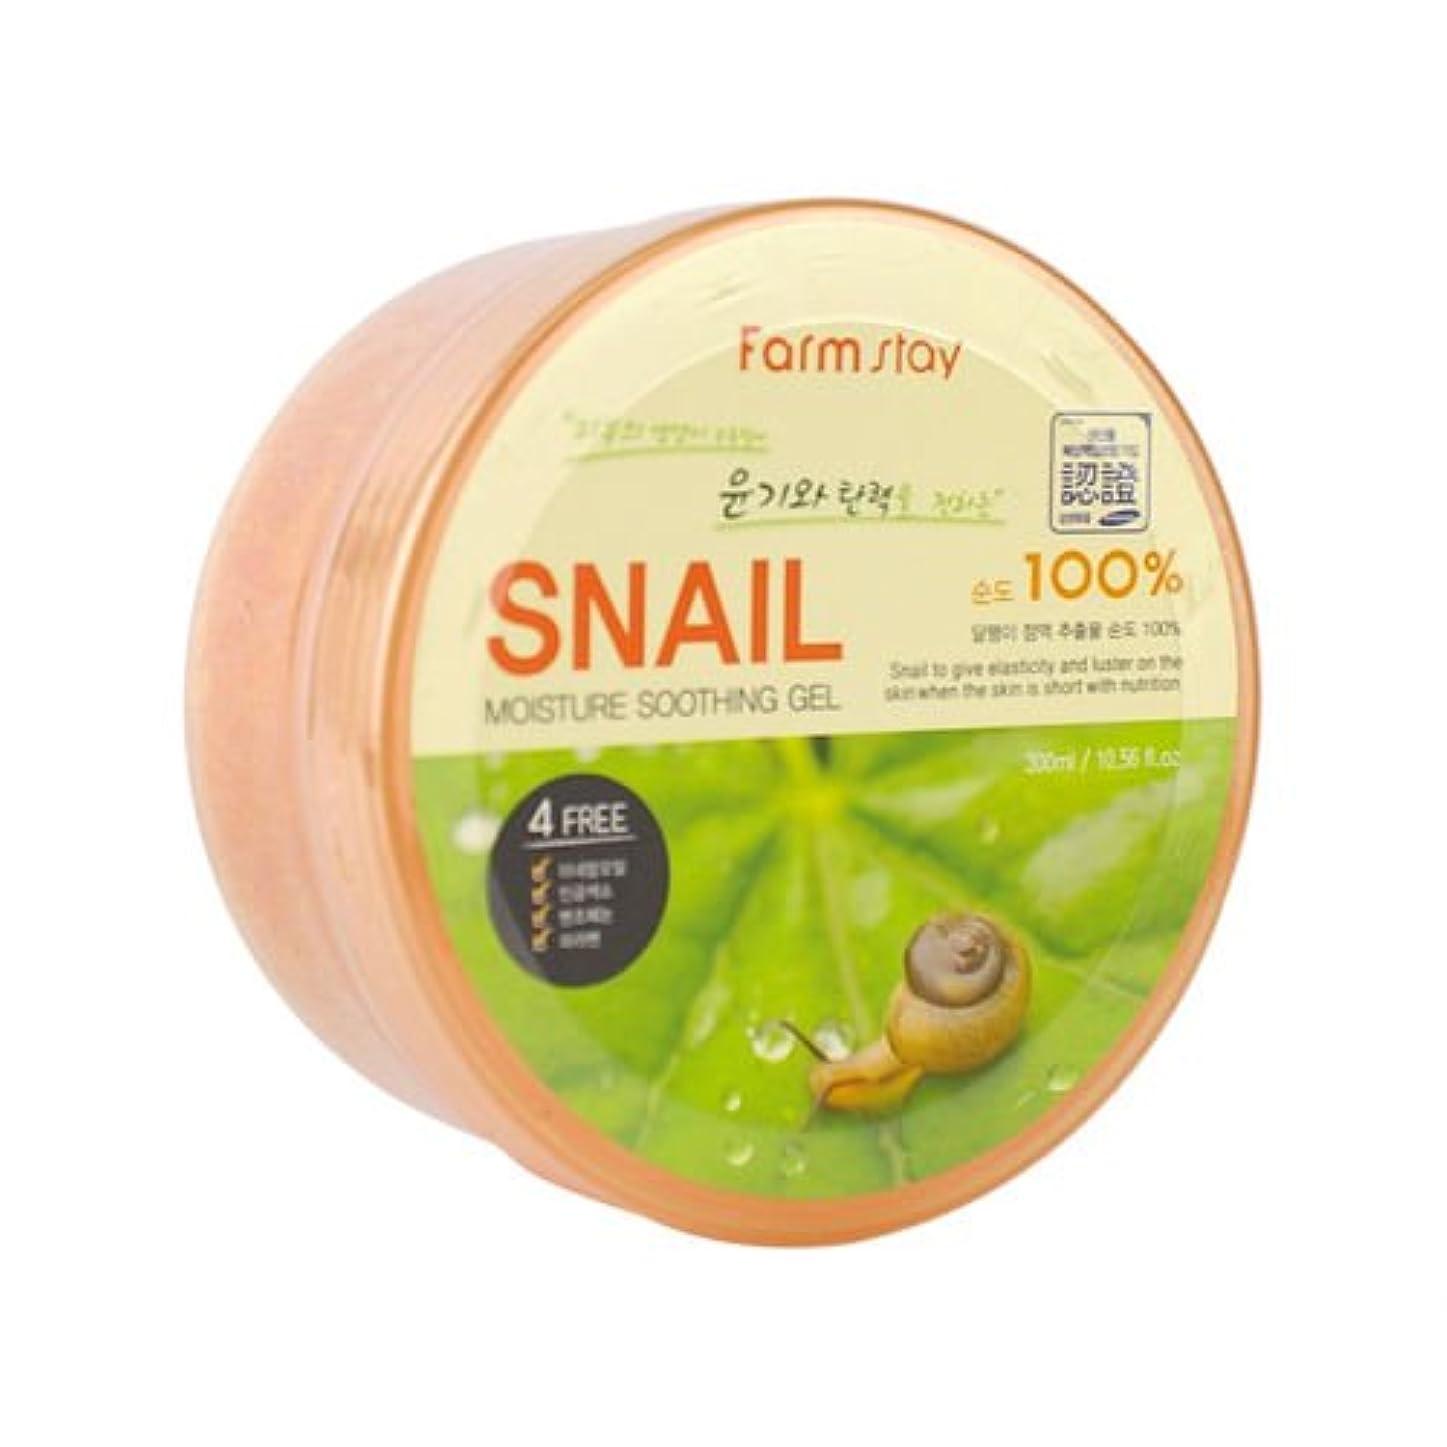 ドラマ曲がった登るFarm Stay Snail Moisture Soothing Gel 300ml /Snail extract 100%/Skin Glowing & Elasticity Up [並行輸入品]